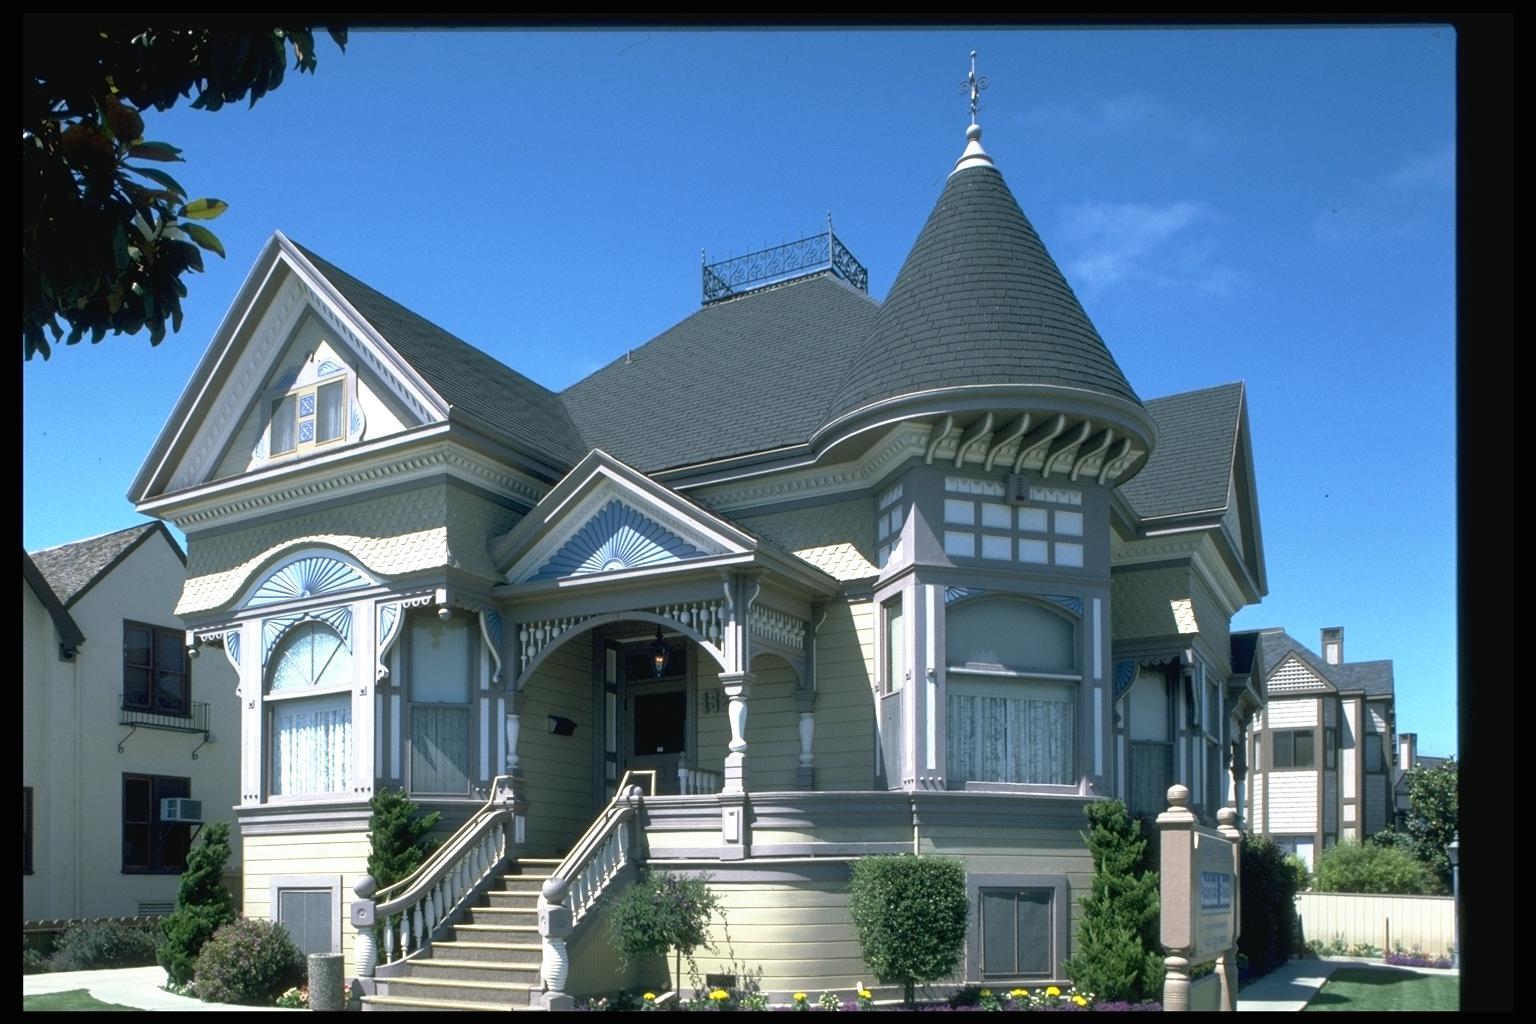 самые красивые дома фото скачать